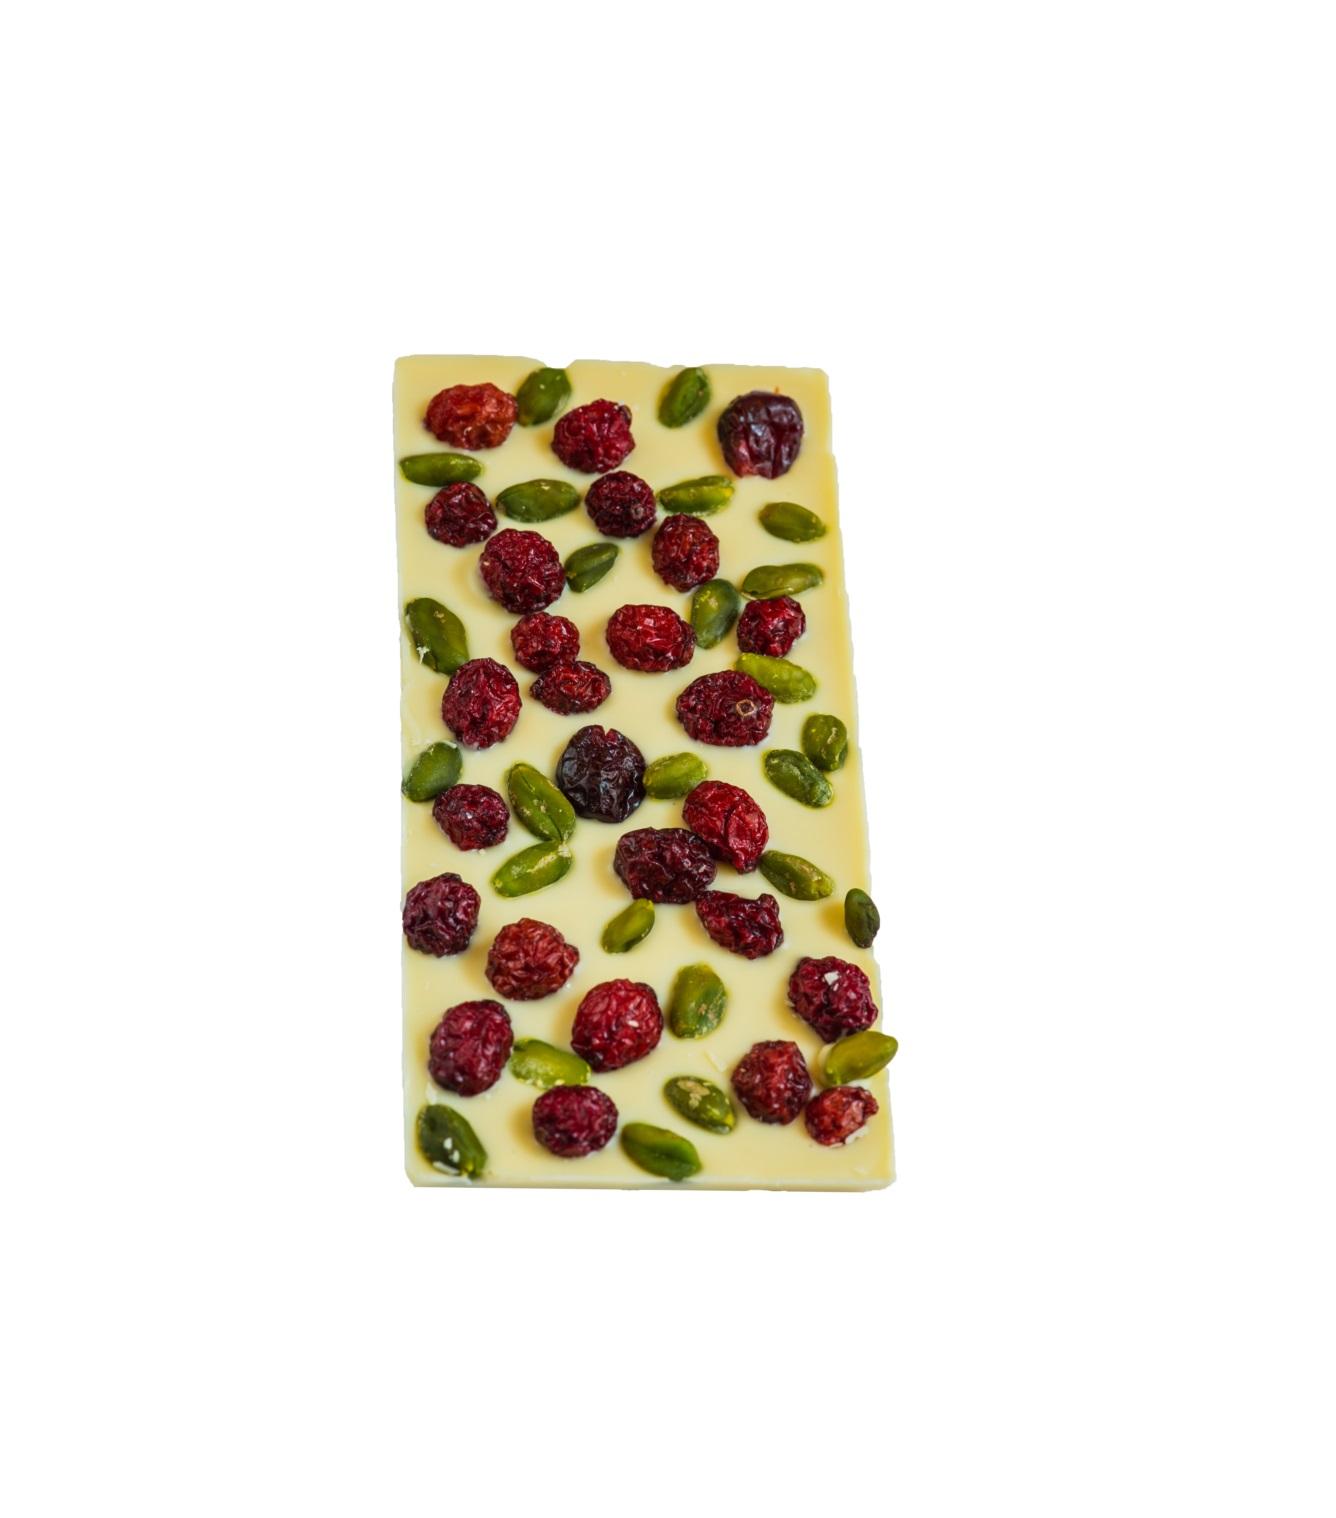 Maiasmoka kohviku käsitööšokolaad, valge šokolaad pistaatsia ja kirsiga